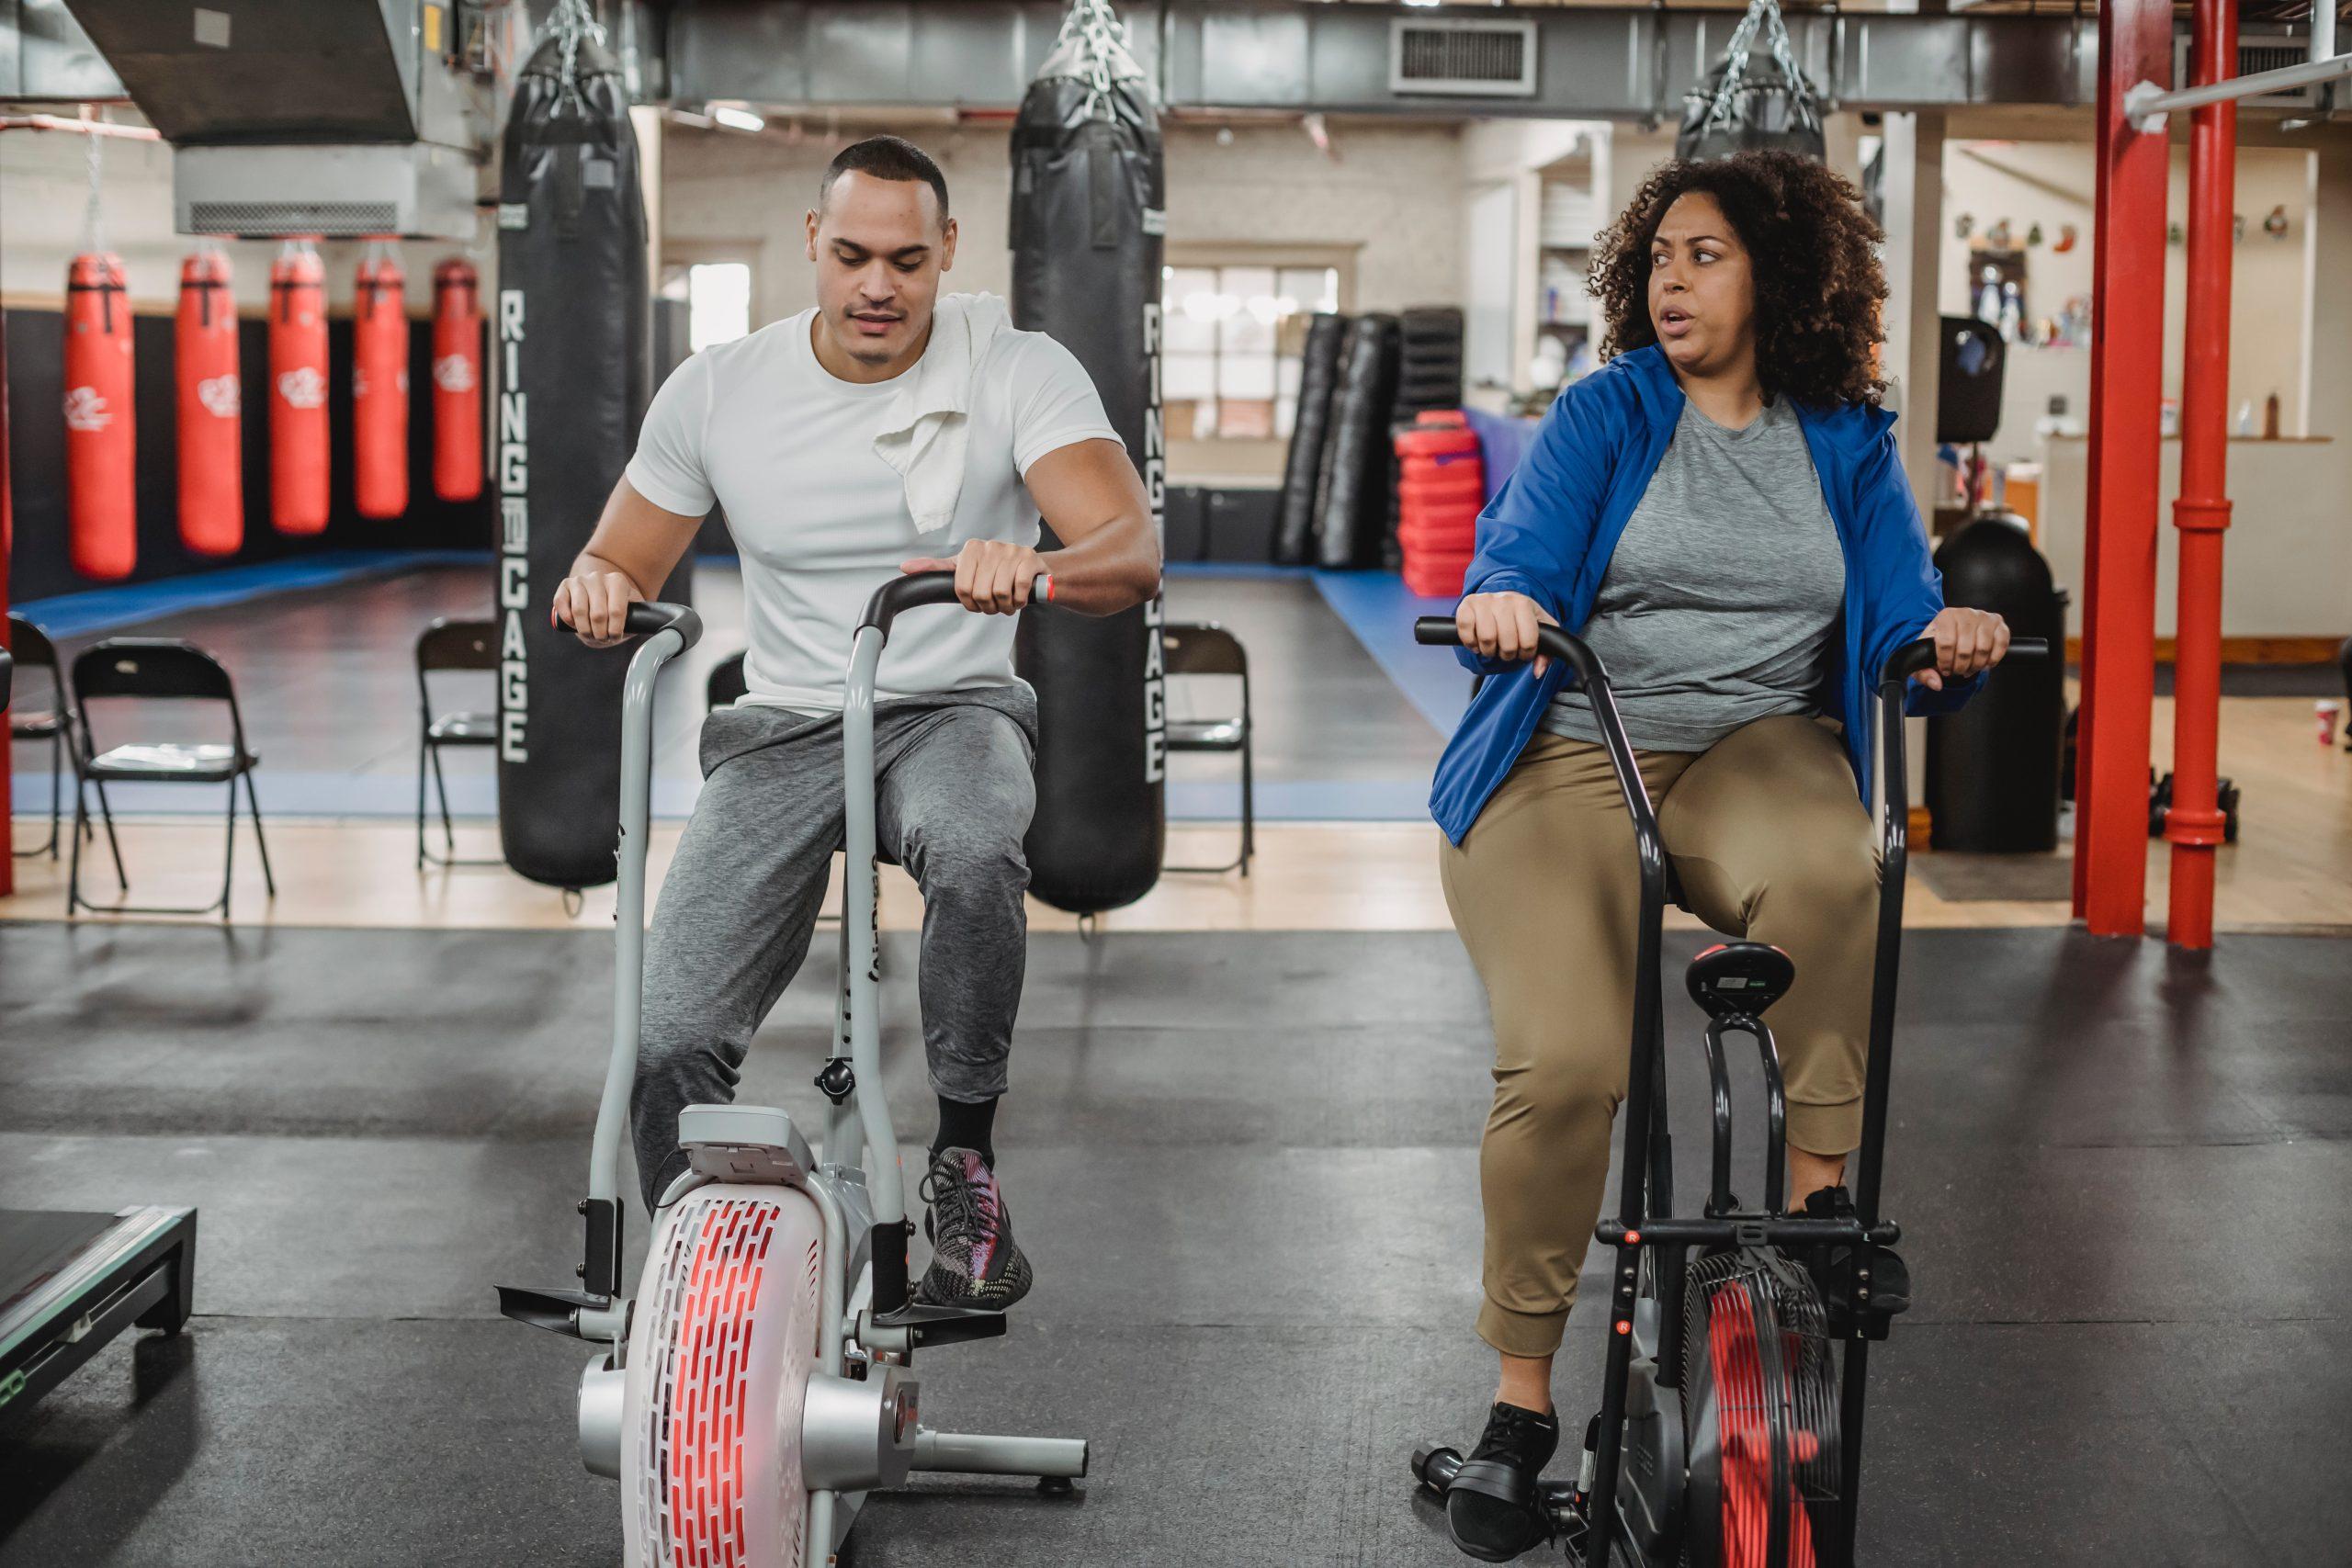 Uma mulher e um homem fazendo exercício em air bikes